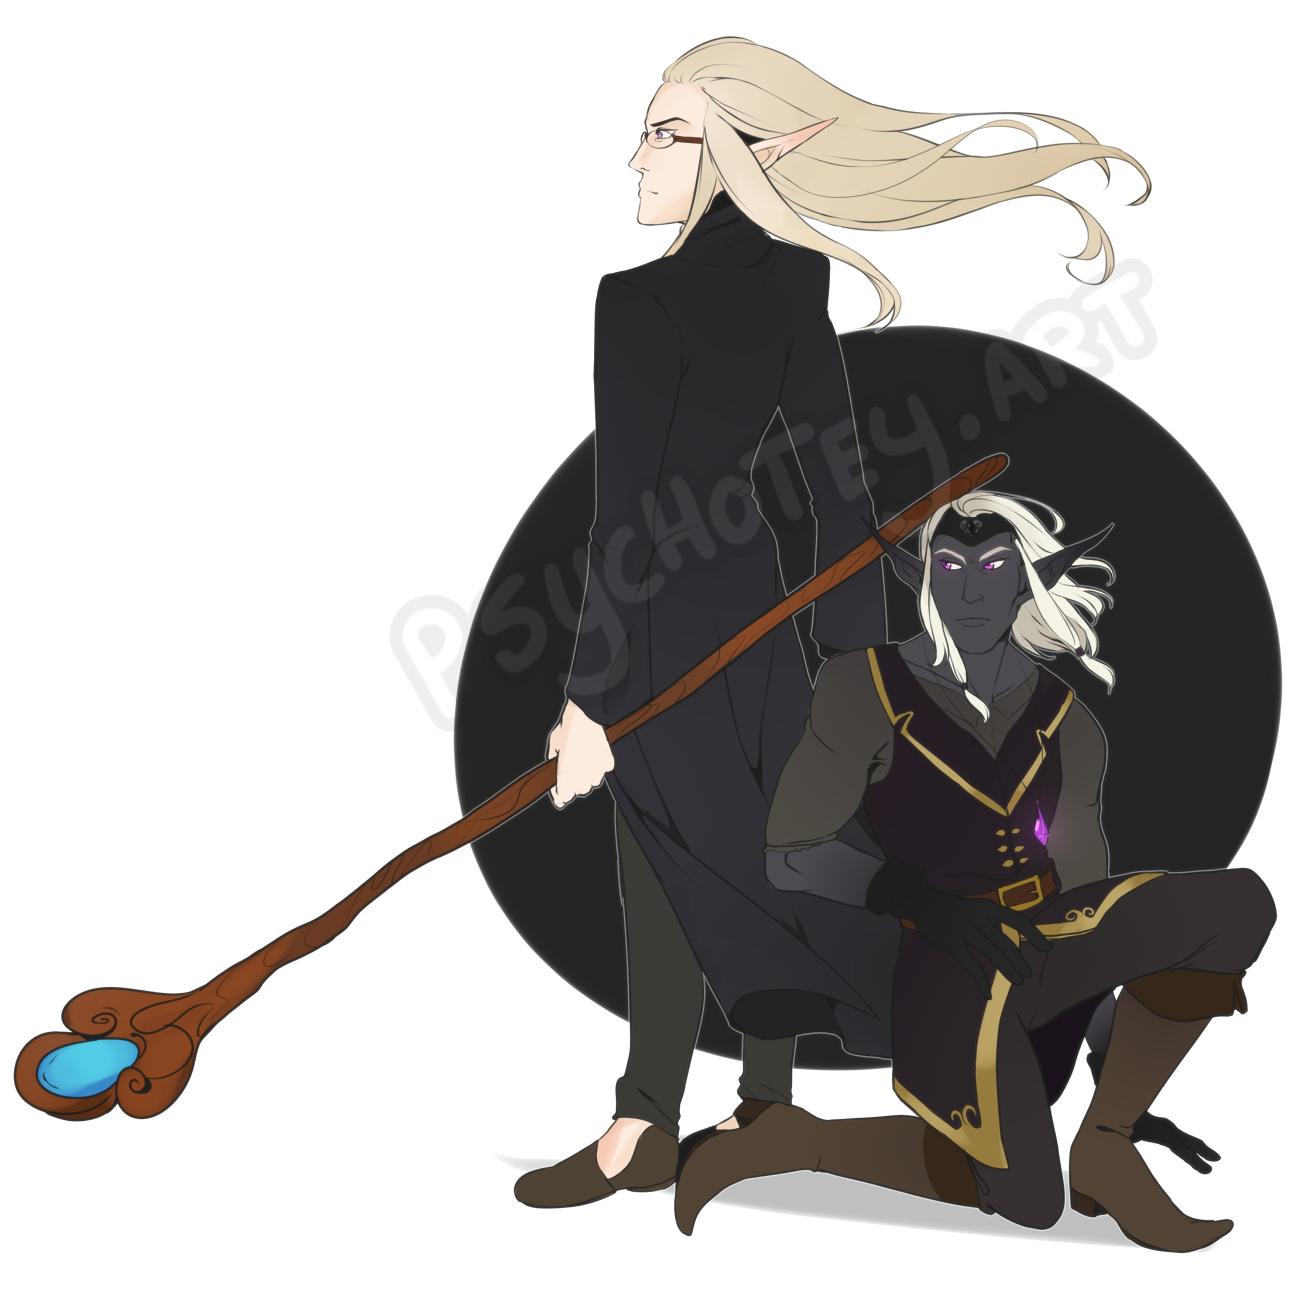 Hyorin & Raunearil